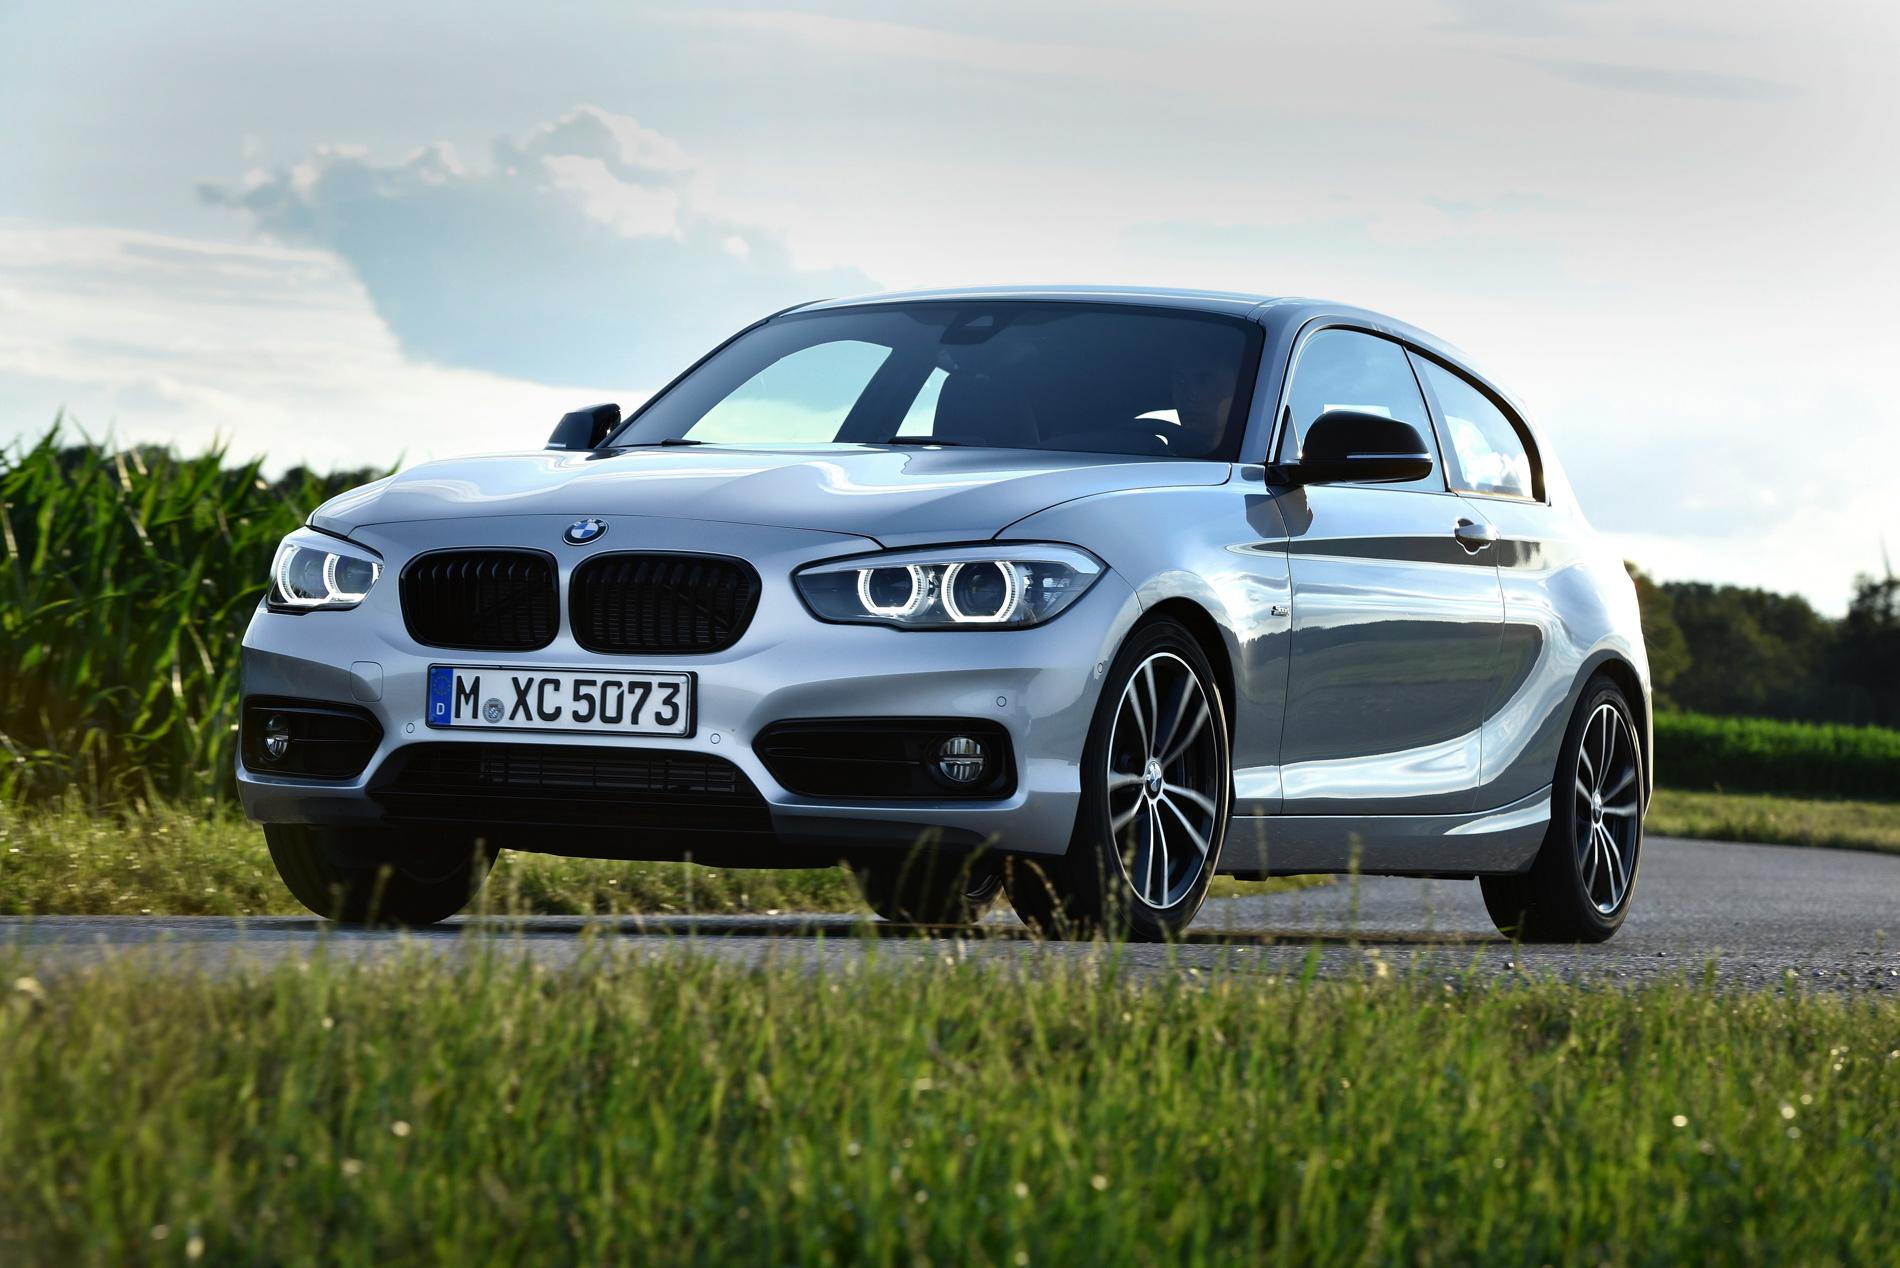 2017 BMW 1 Series hatchback 3 door 18